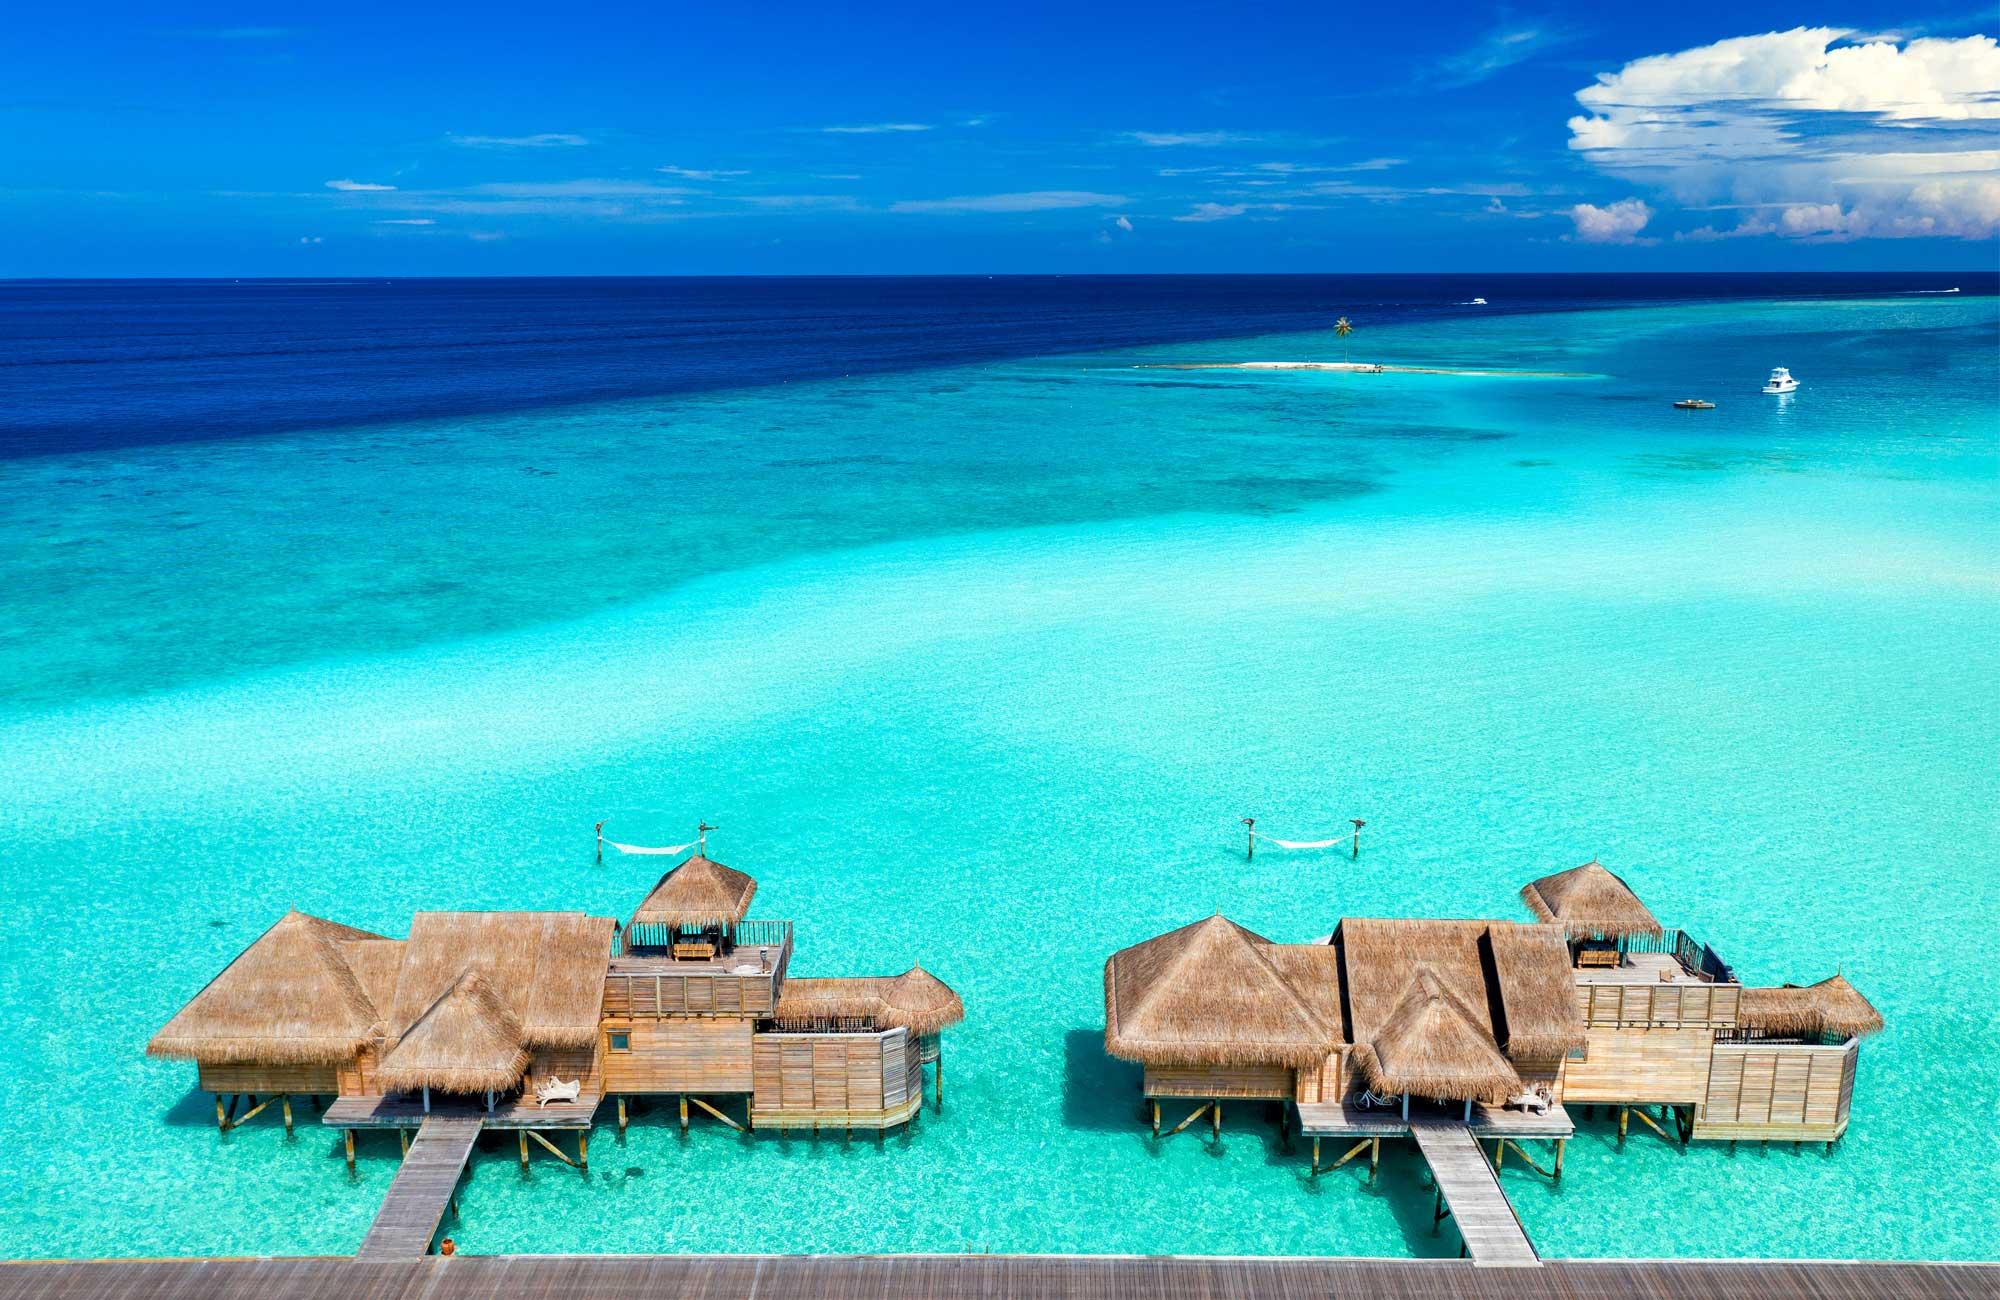 Gili Lankanfushi Maldives Image